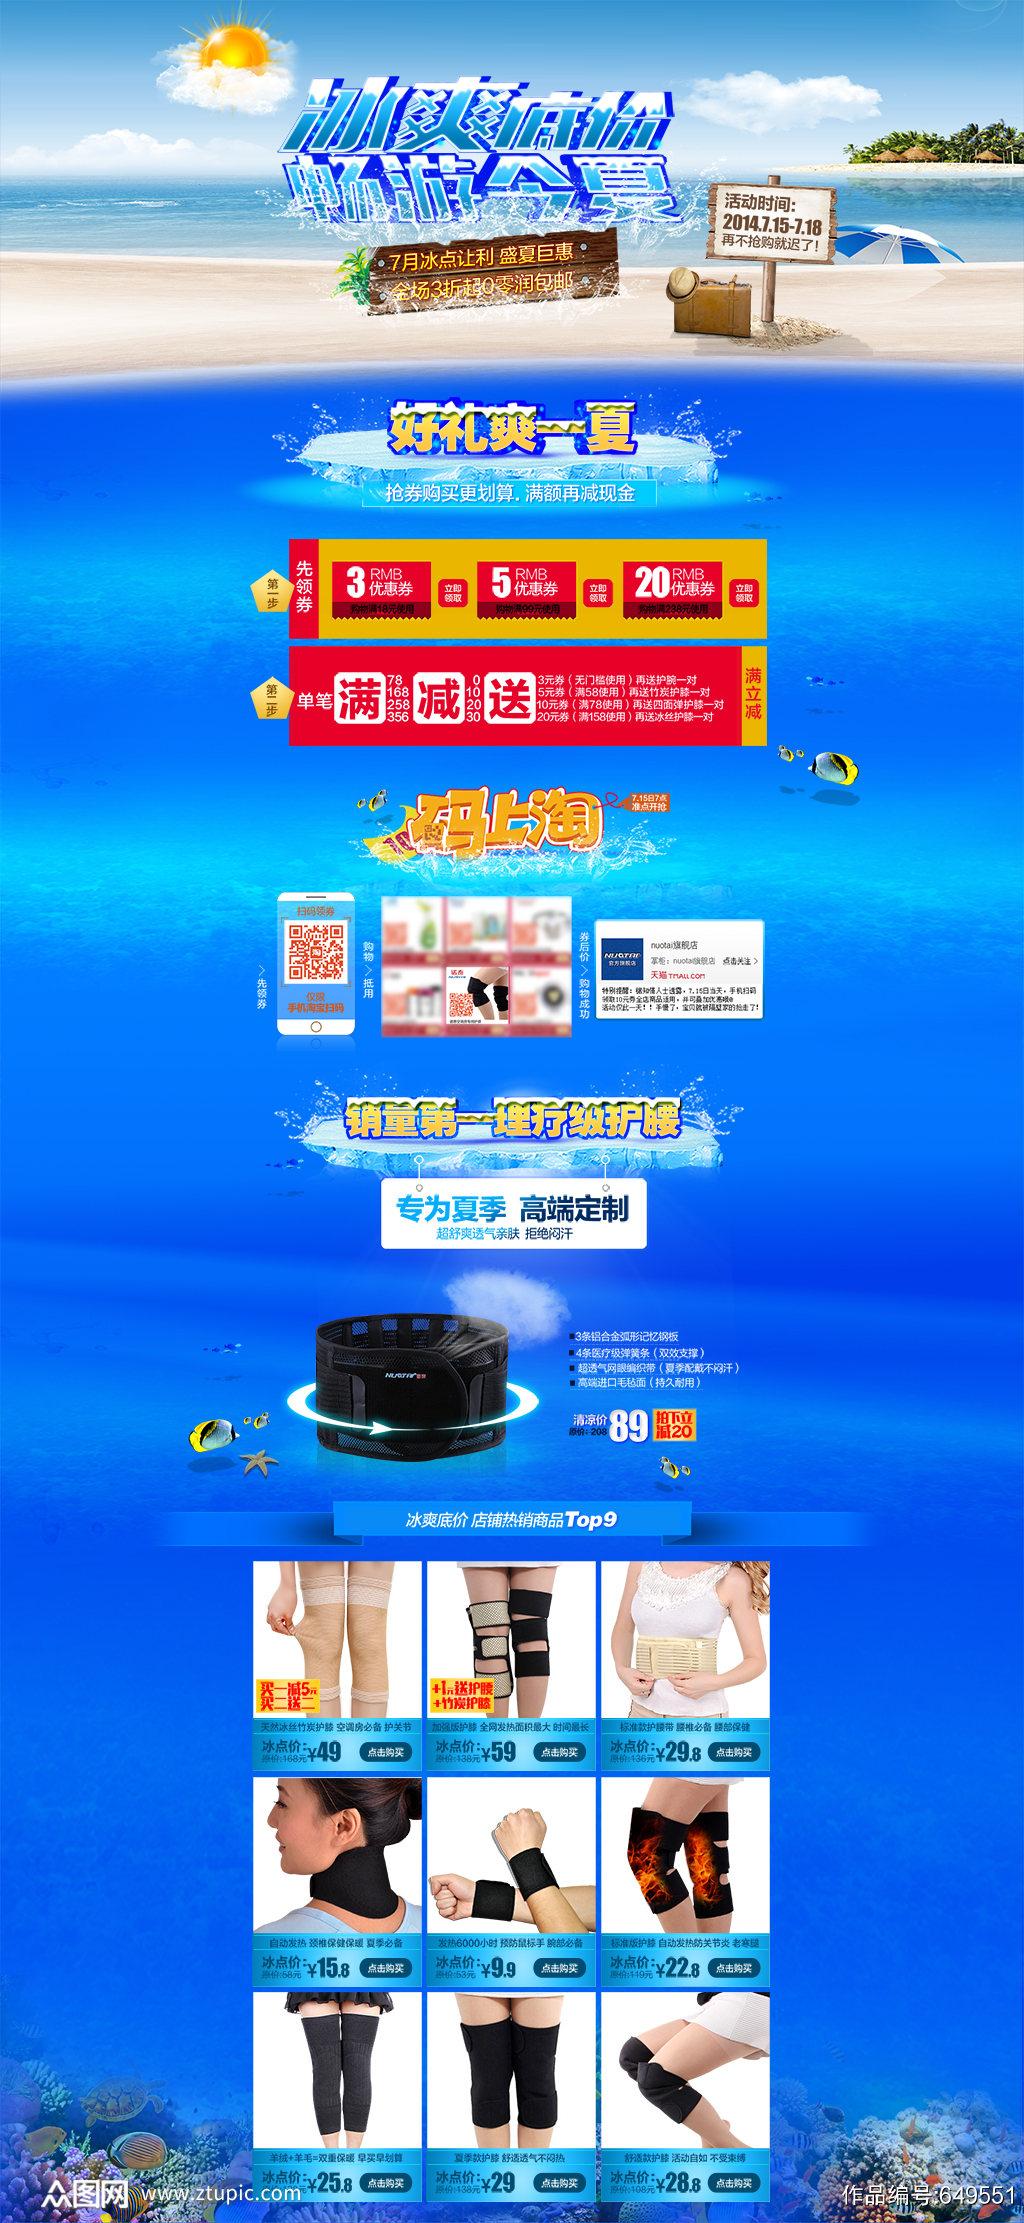 蓝色促销活动首页设计素材